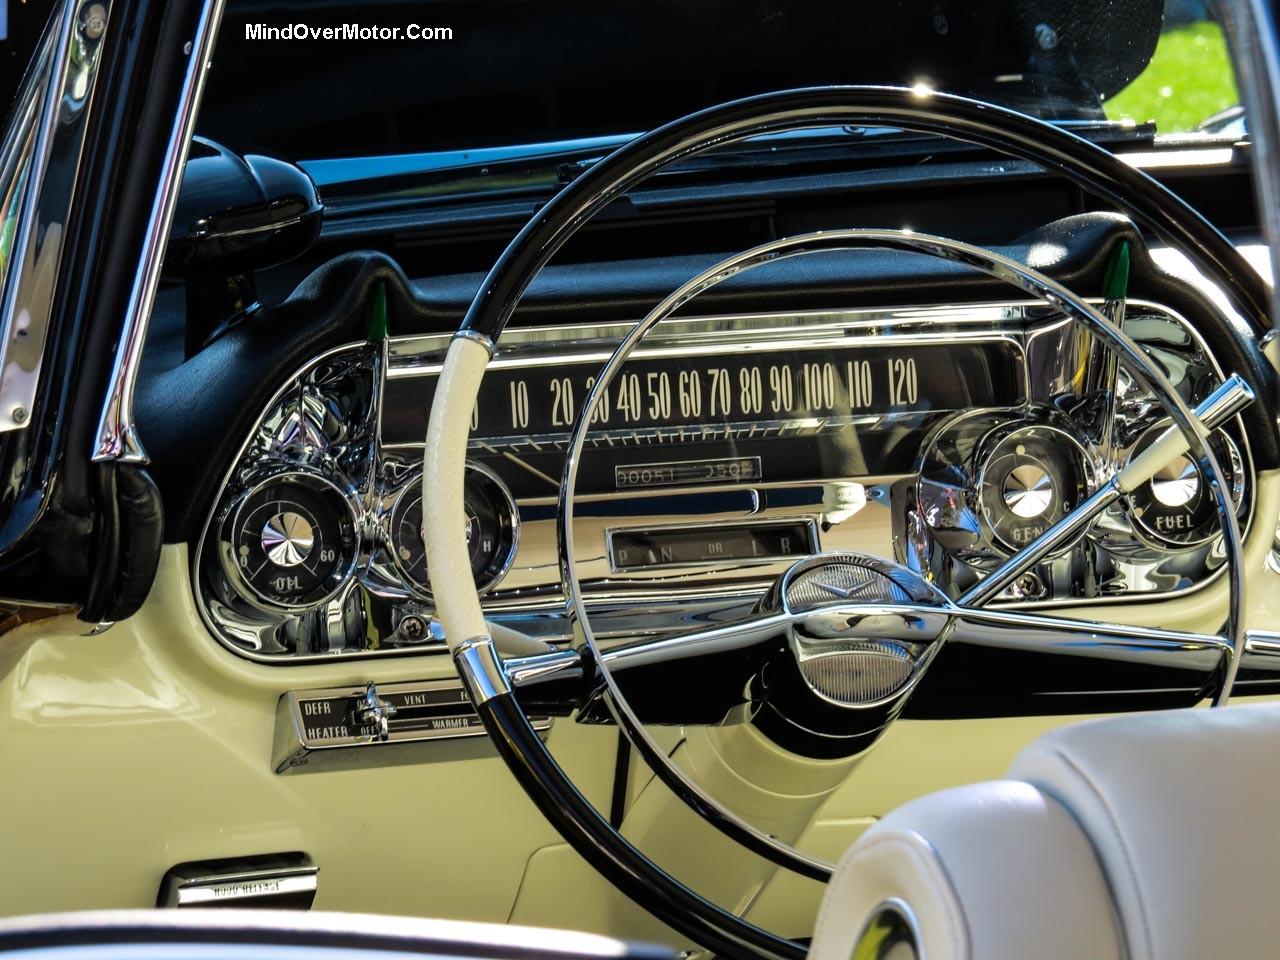 1957 Cadillac Eldorado Brougham Steering Wheel